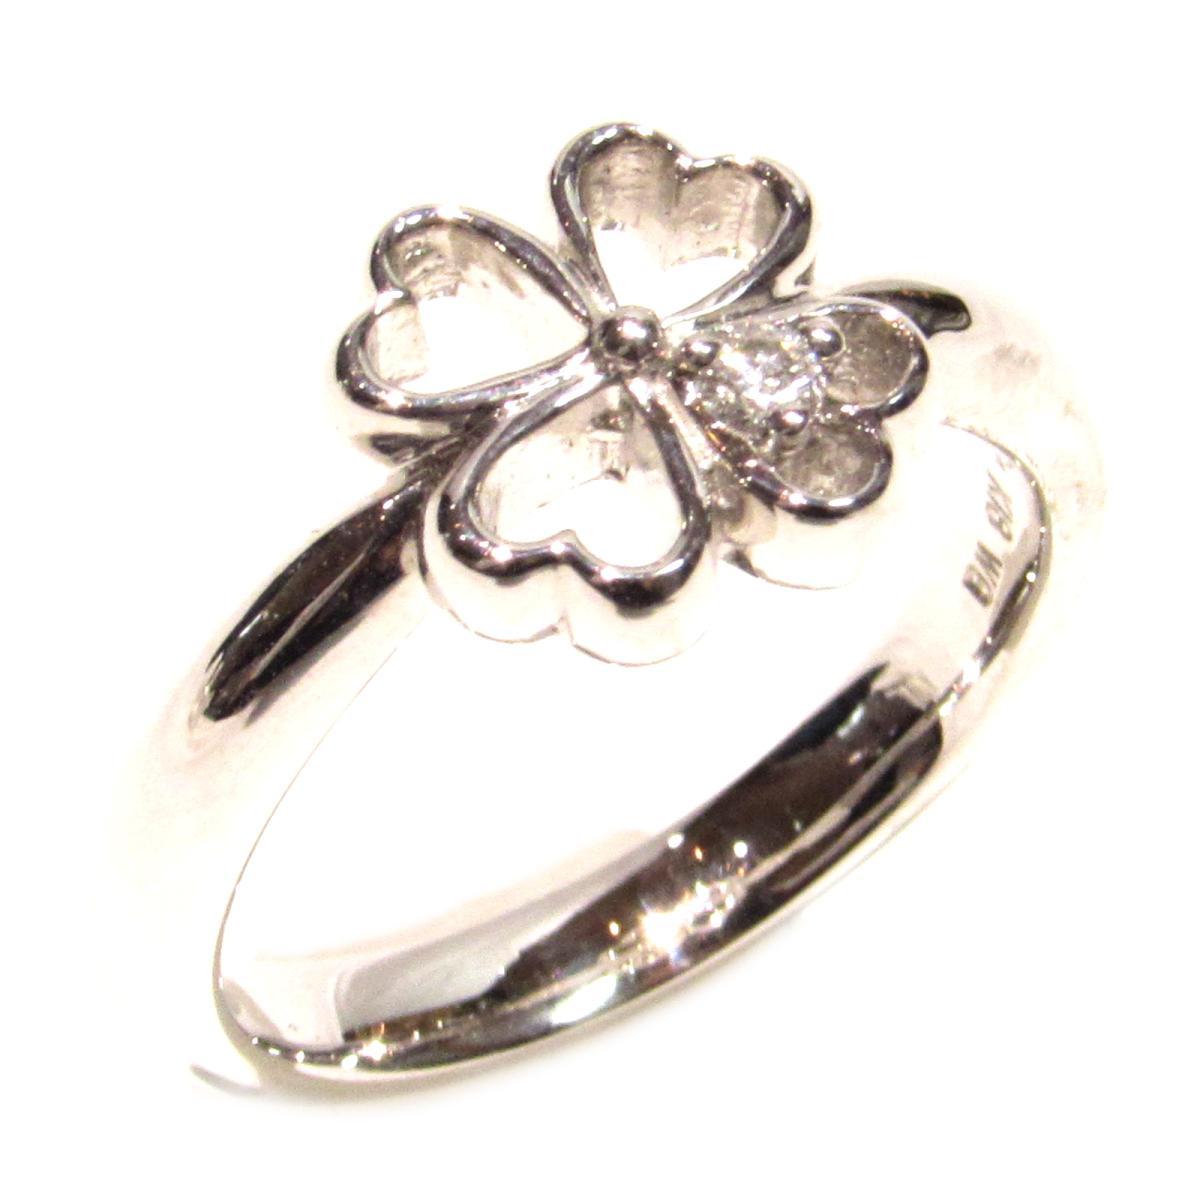 【中古】 ヨンドシー ダイヤリング 指輪 レディース K18WG (750) ホワイトゴールド x ダイヤモンド シルバー クリアー   4℃ BRANDOFF ブランドオフ ブランド ジュエリー アクセサリー リング